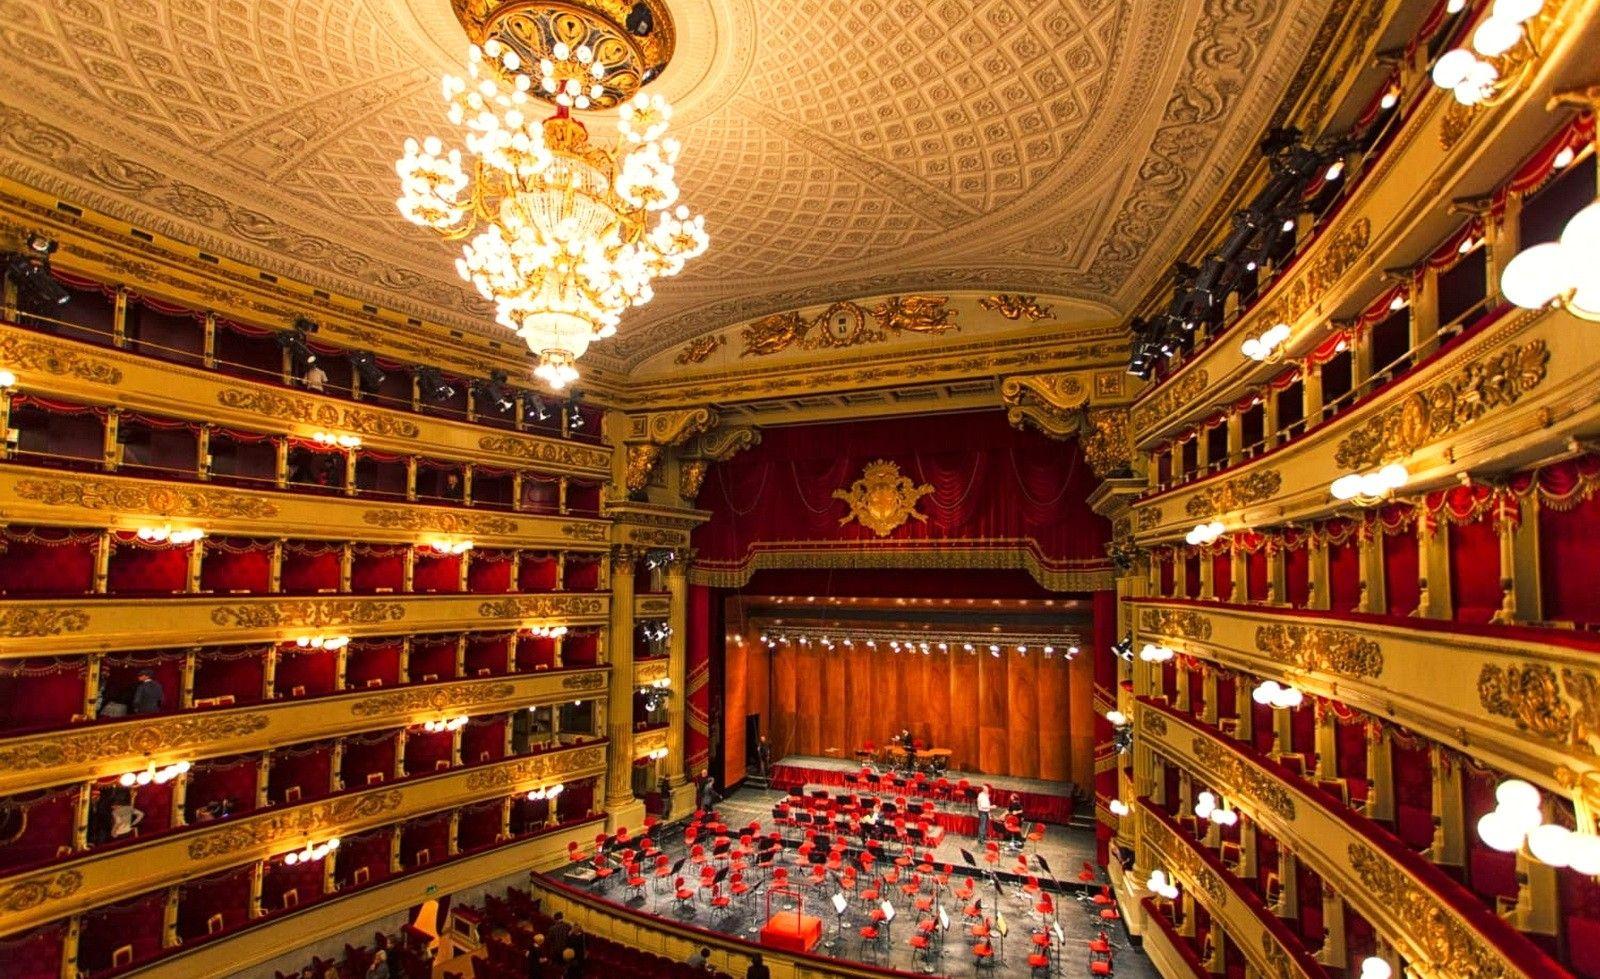 «Ла Скала» — мировой центр оперной культуры. У этого театра блестящая история. Здание театра построено в 1776—1778 годах на месте церкви «Санта Мария делла Скала», откуда театр и получил своё название «Ла Скала» — оперный театр в Милане. ... Здание театра равнялось 100 метрам в длину и 38 — в ширину.